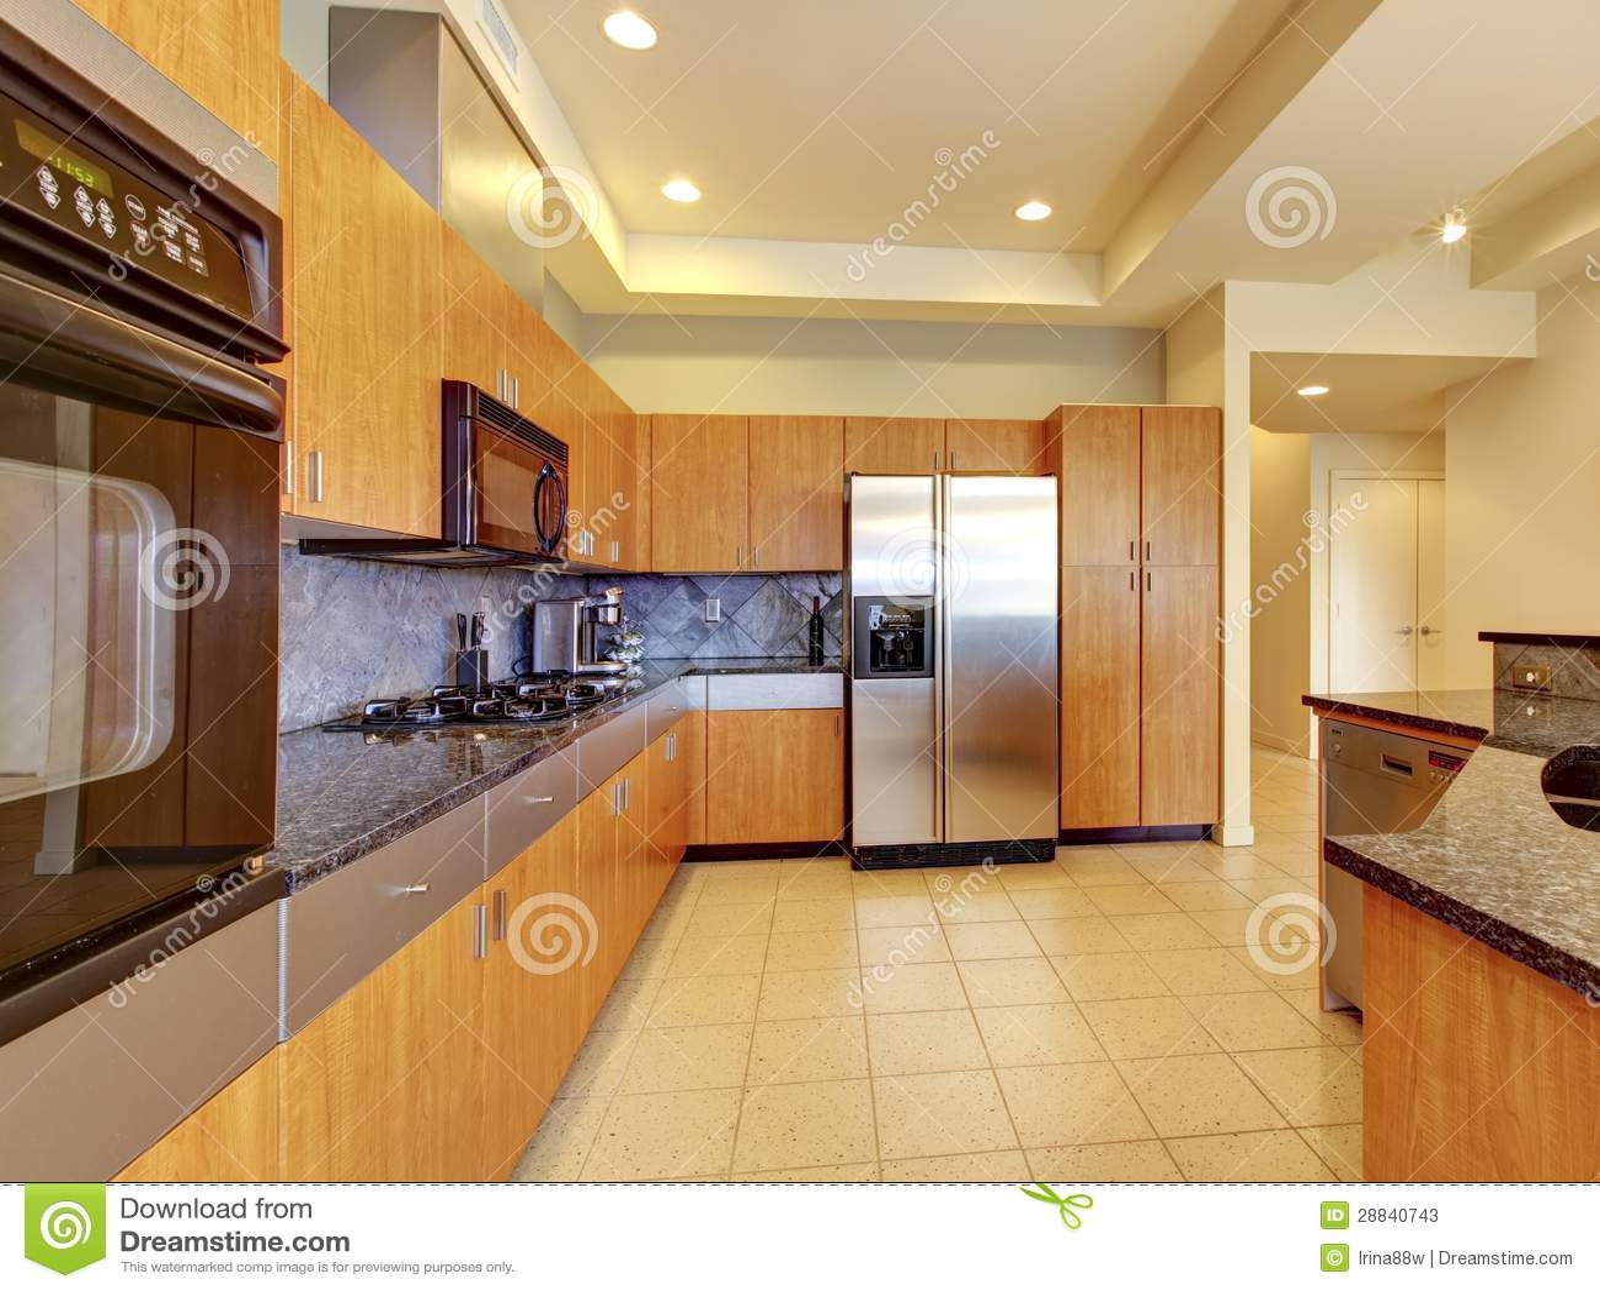 große moderne hölzerne küche mit wohnzimmer und hoher decke ... - Grose Moderne Wohnzimmer